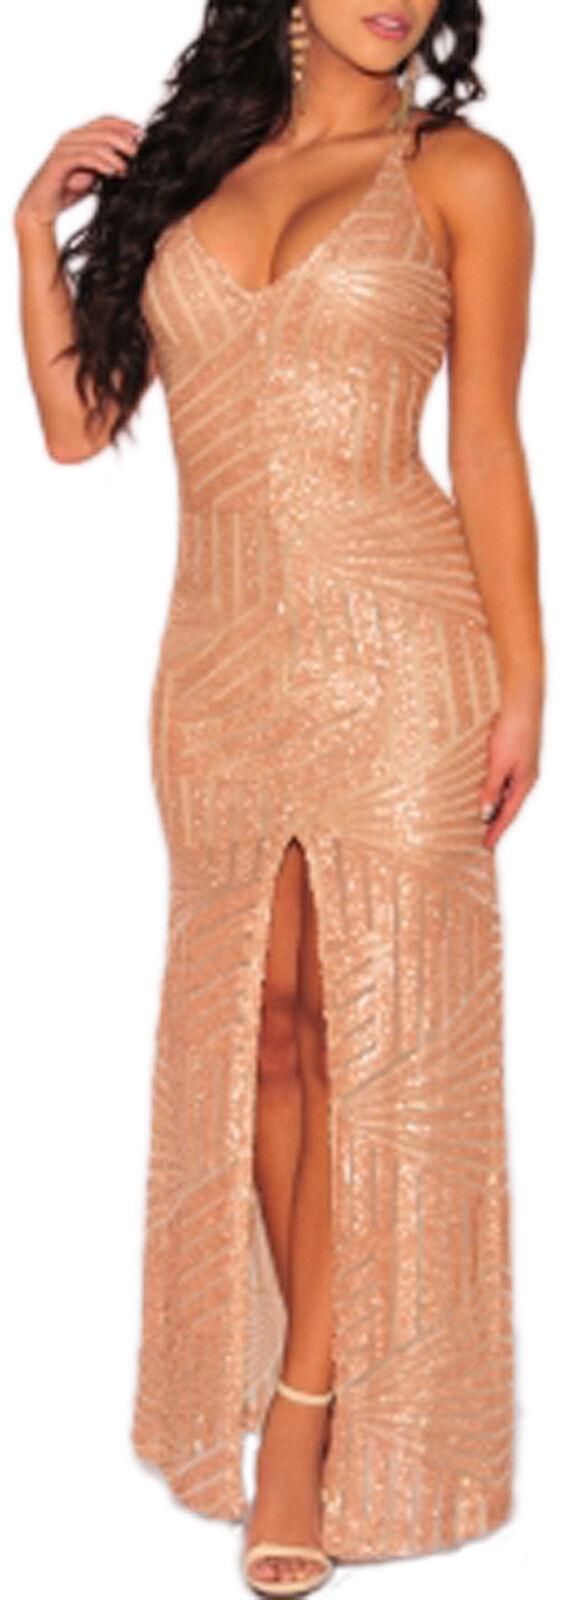 Kleid élégant lang zurück entdeckung kleid pailletten zeremonie